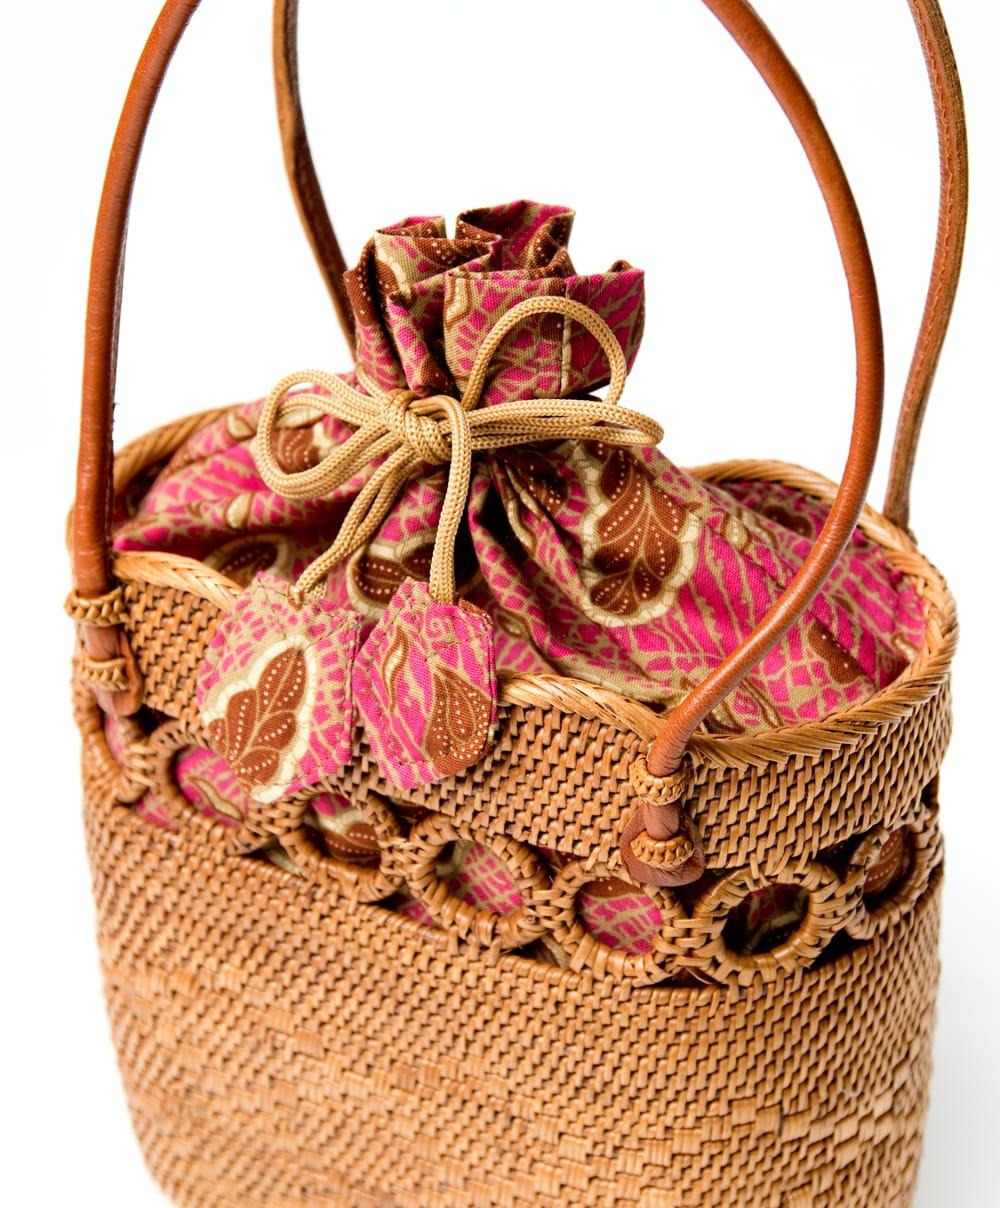 アタかご 巾着バッグ ココナッツボタン付き 発祥の地トゥガナン村で手作り【約19cm x 19.5cm】 5 - ハンドメイドのぬくもりを感じます